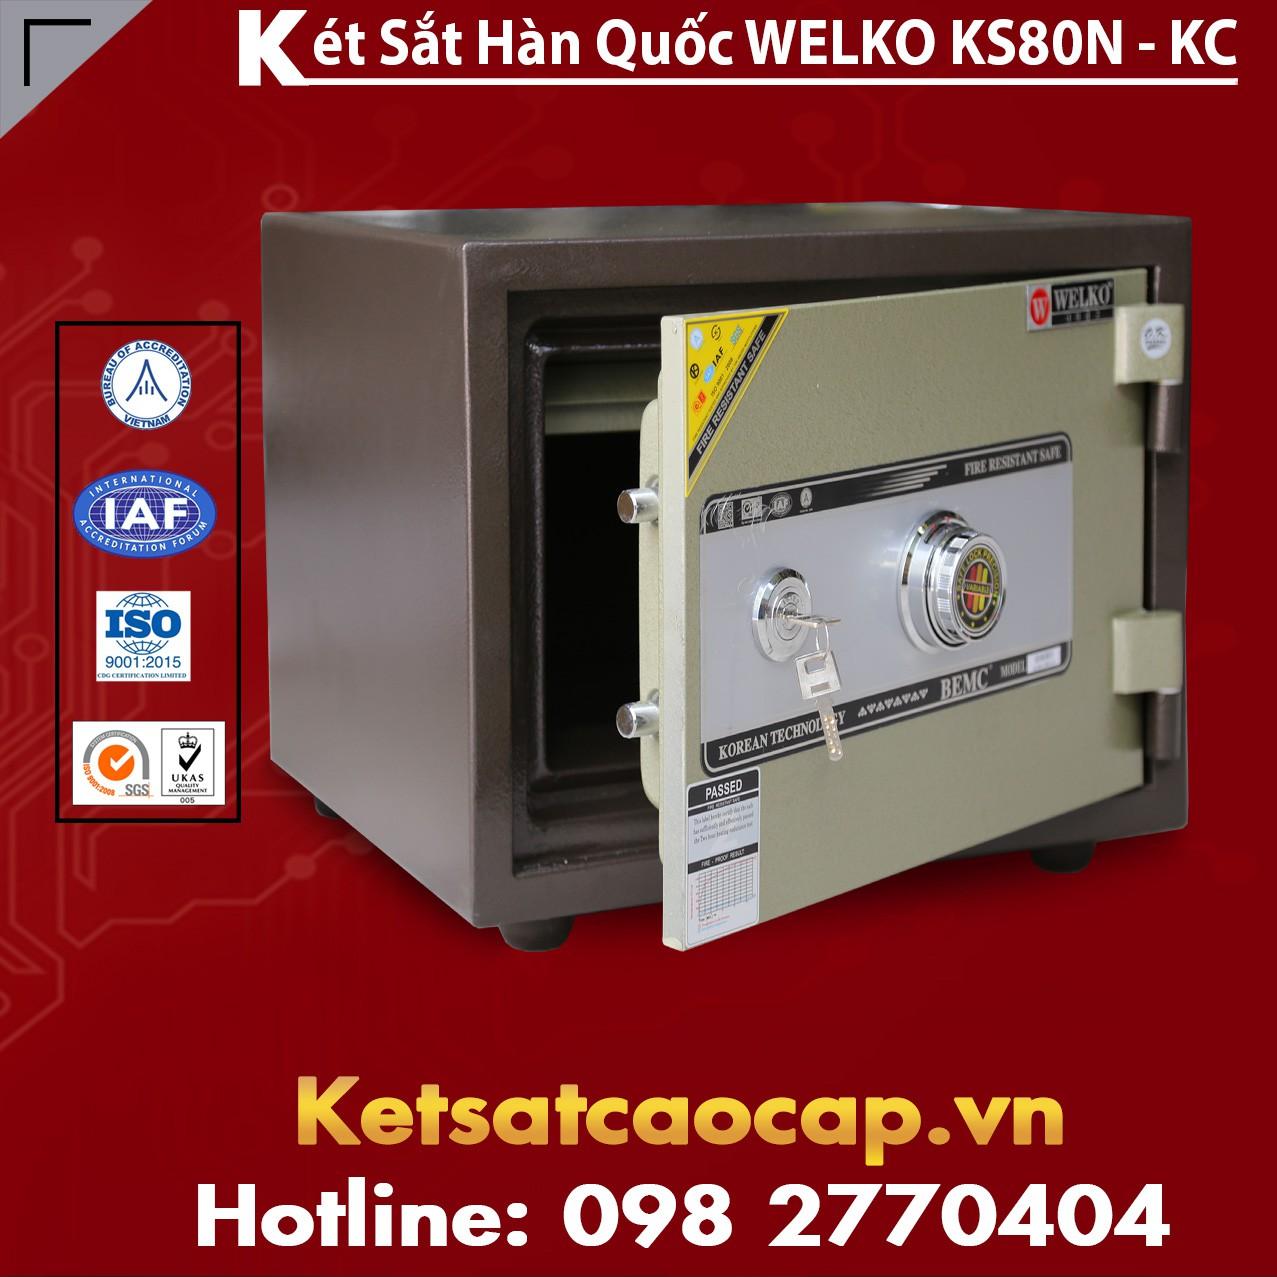 Két Sắt Văn Phòng Welko KS80N - KC Brown